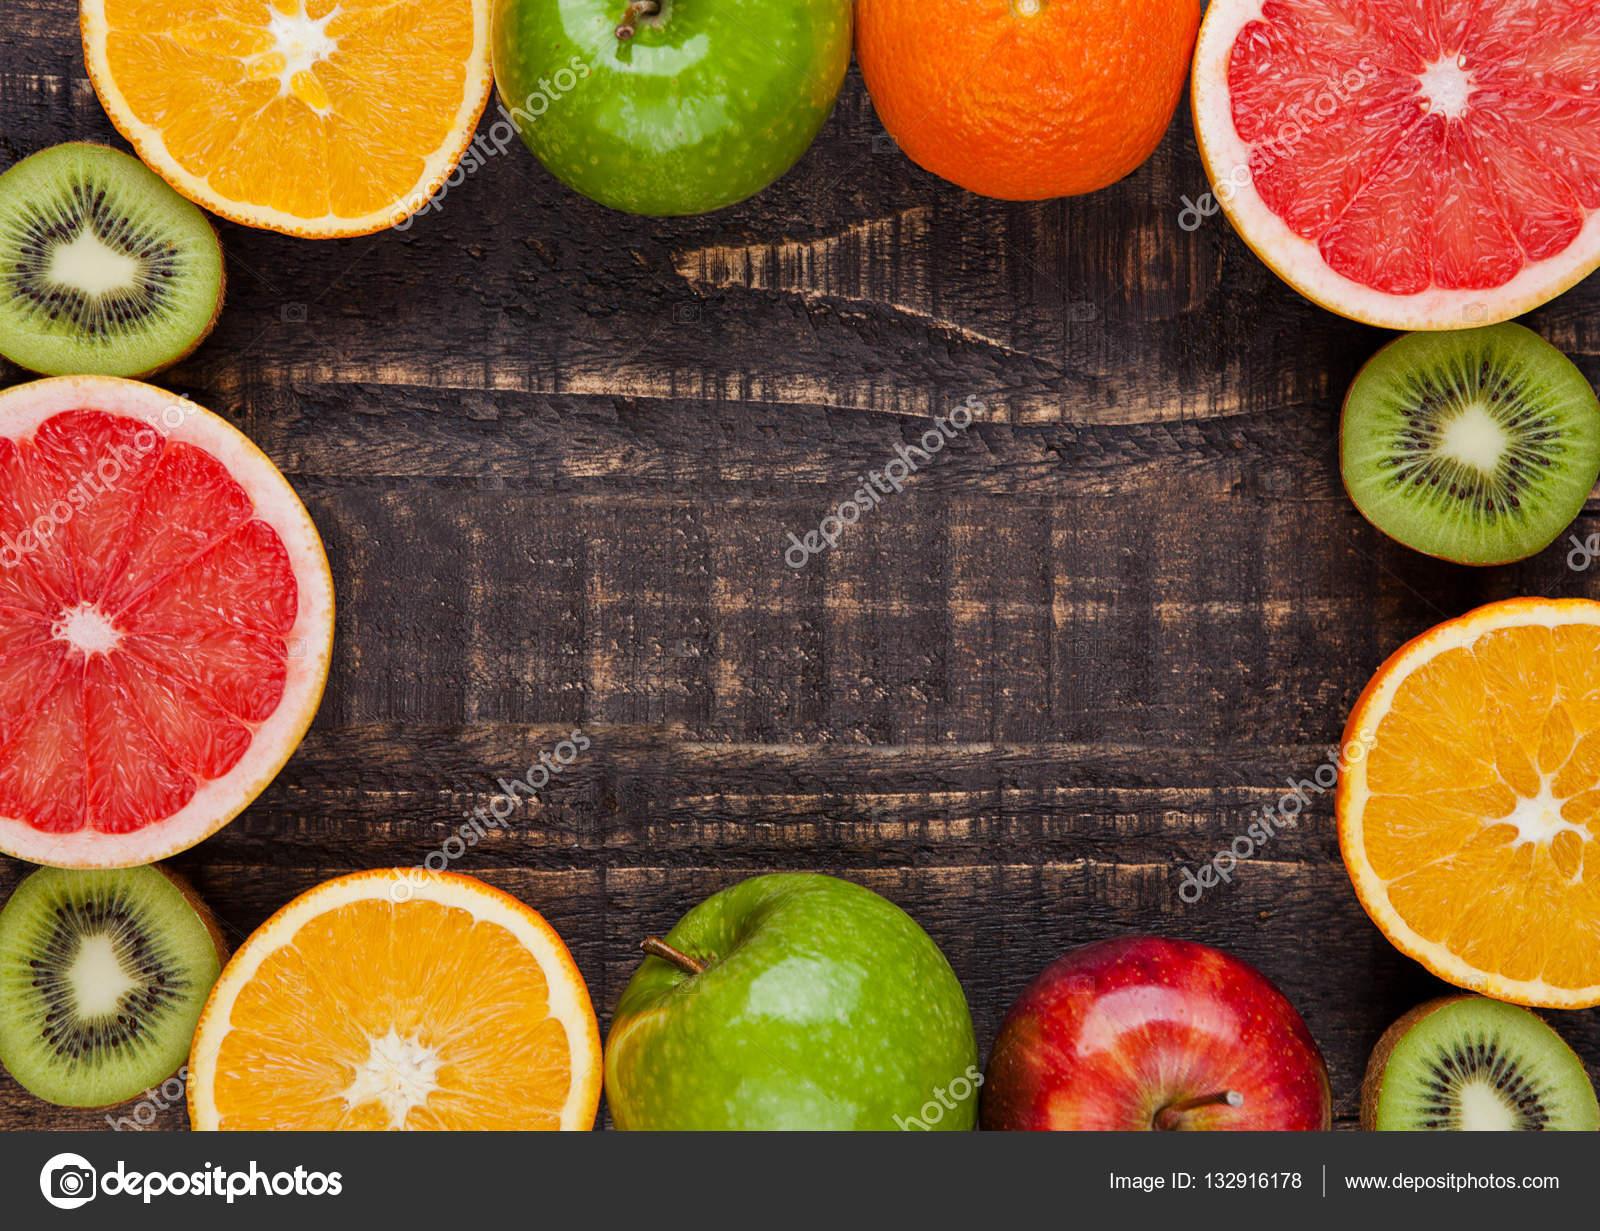 Желтый здоровый органических фруктов апельсины бананы грейпфрута.